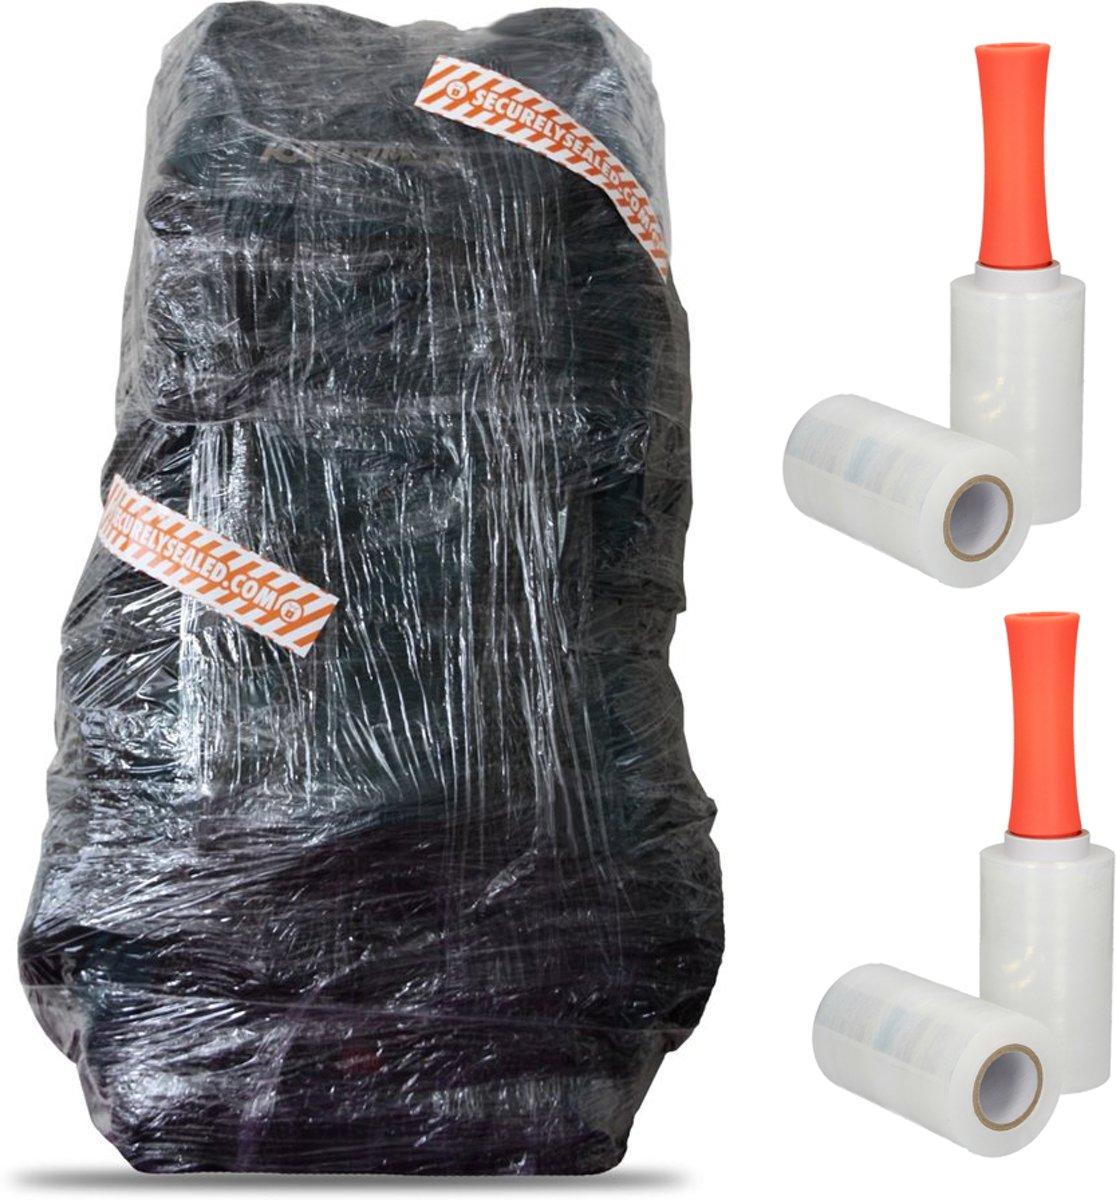 600 Meter Koffersealer op 4 Rollen – 4x150mx12,5cm | Handwikkelfolie | Folie voor Sealen Reisbagage kopen